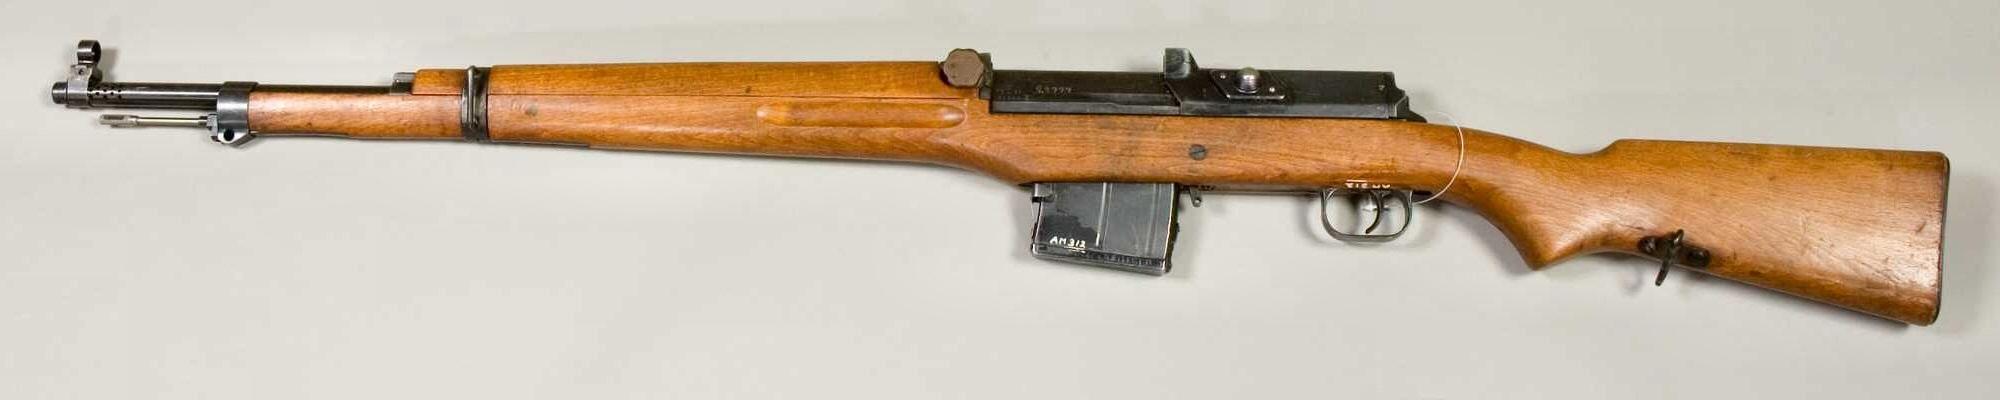 Automatgevär m/42